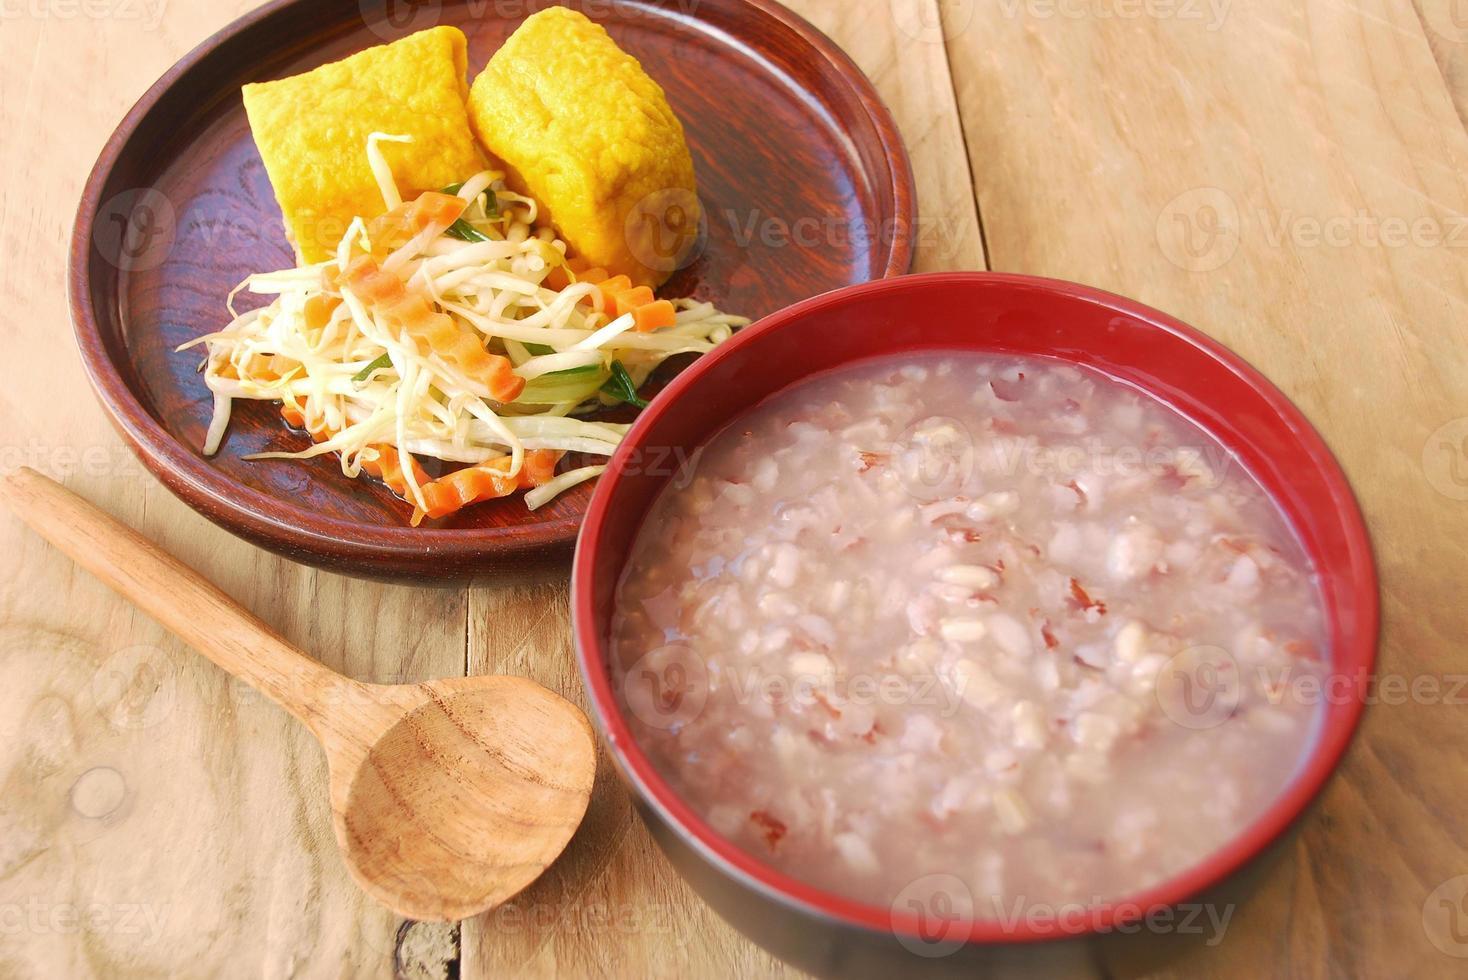 asiatisches gesundes Frühstück foto